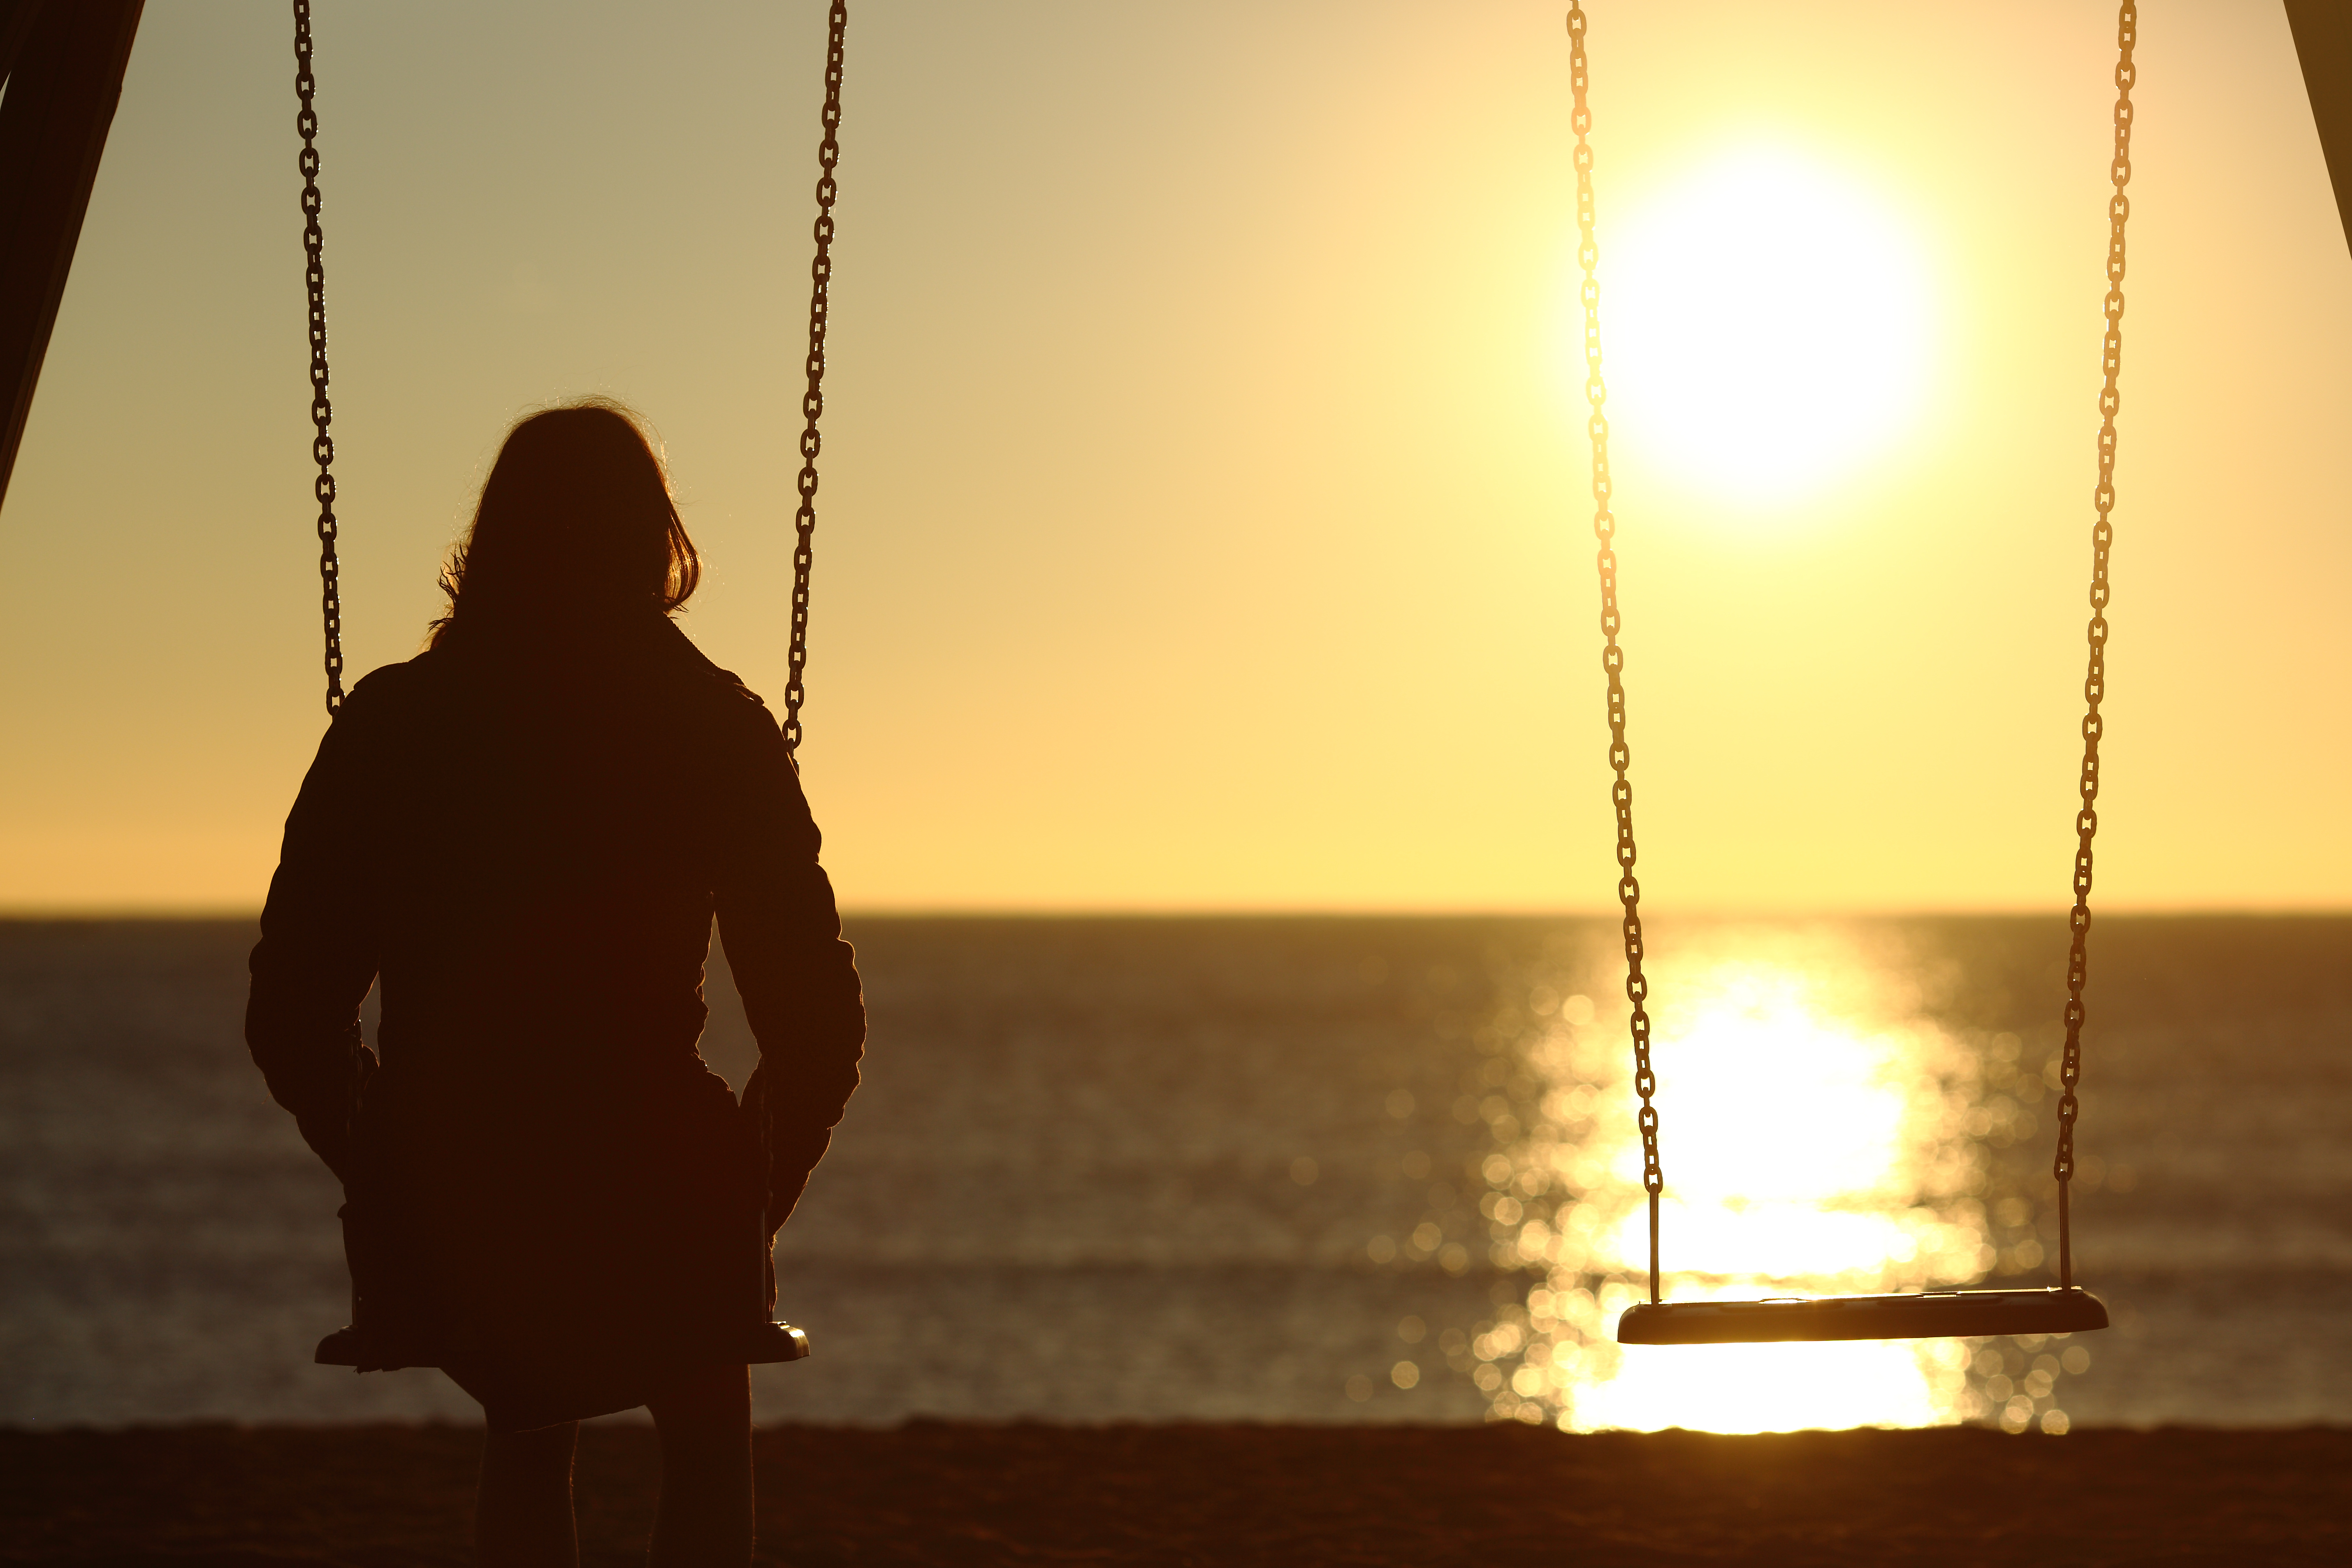 Långa sjukskrivningar vid psykisk ohälsa